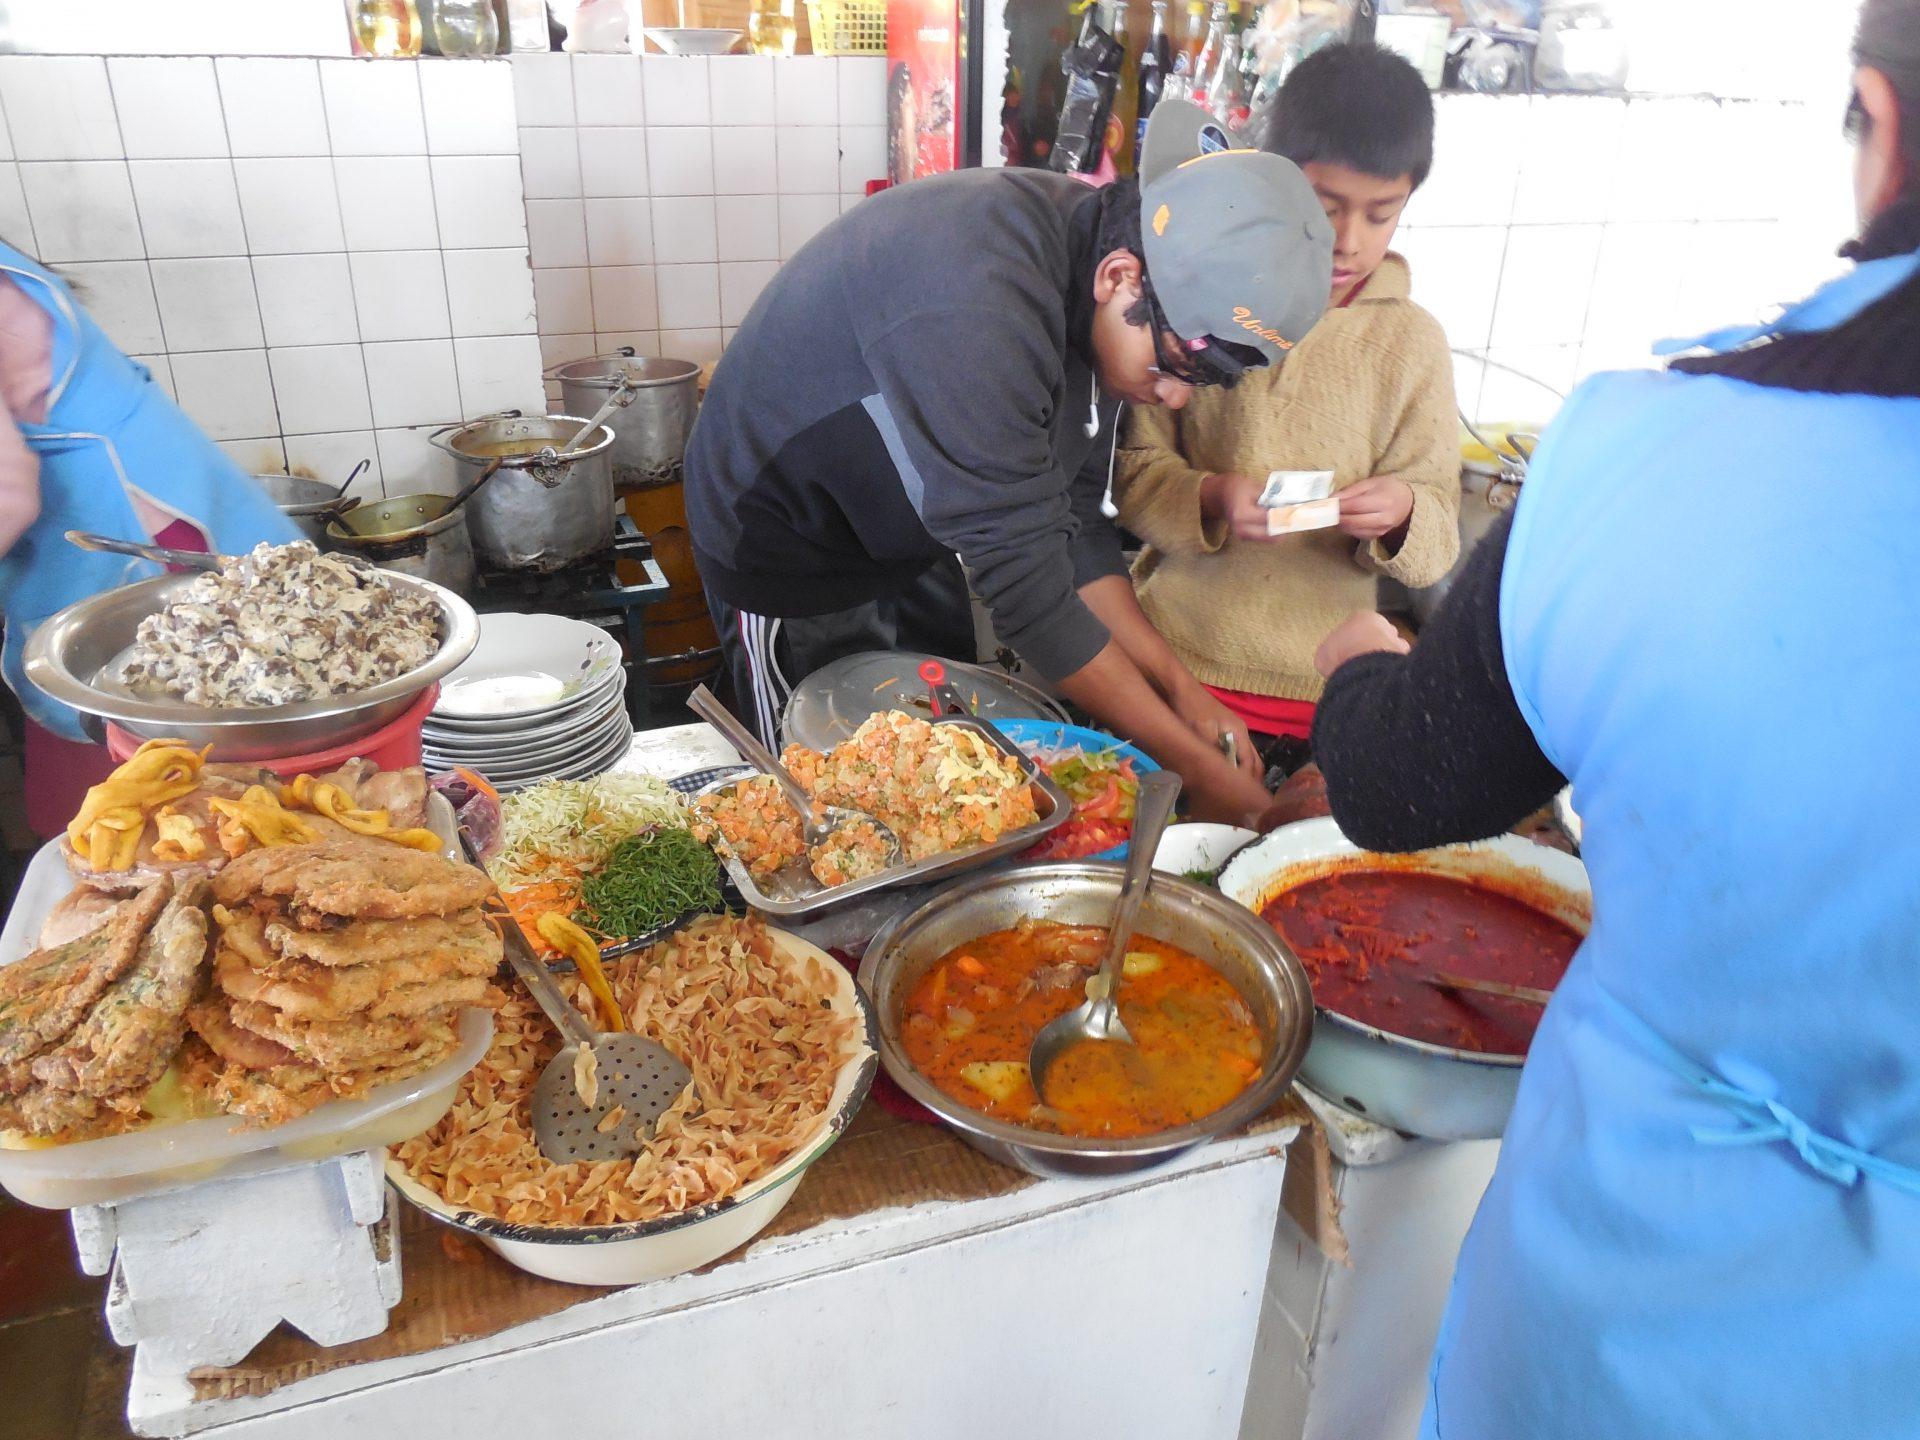 Mittagsessen Mondongo Bolivien Sucre Markt